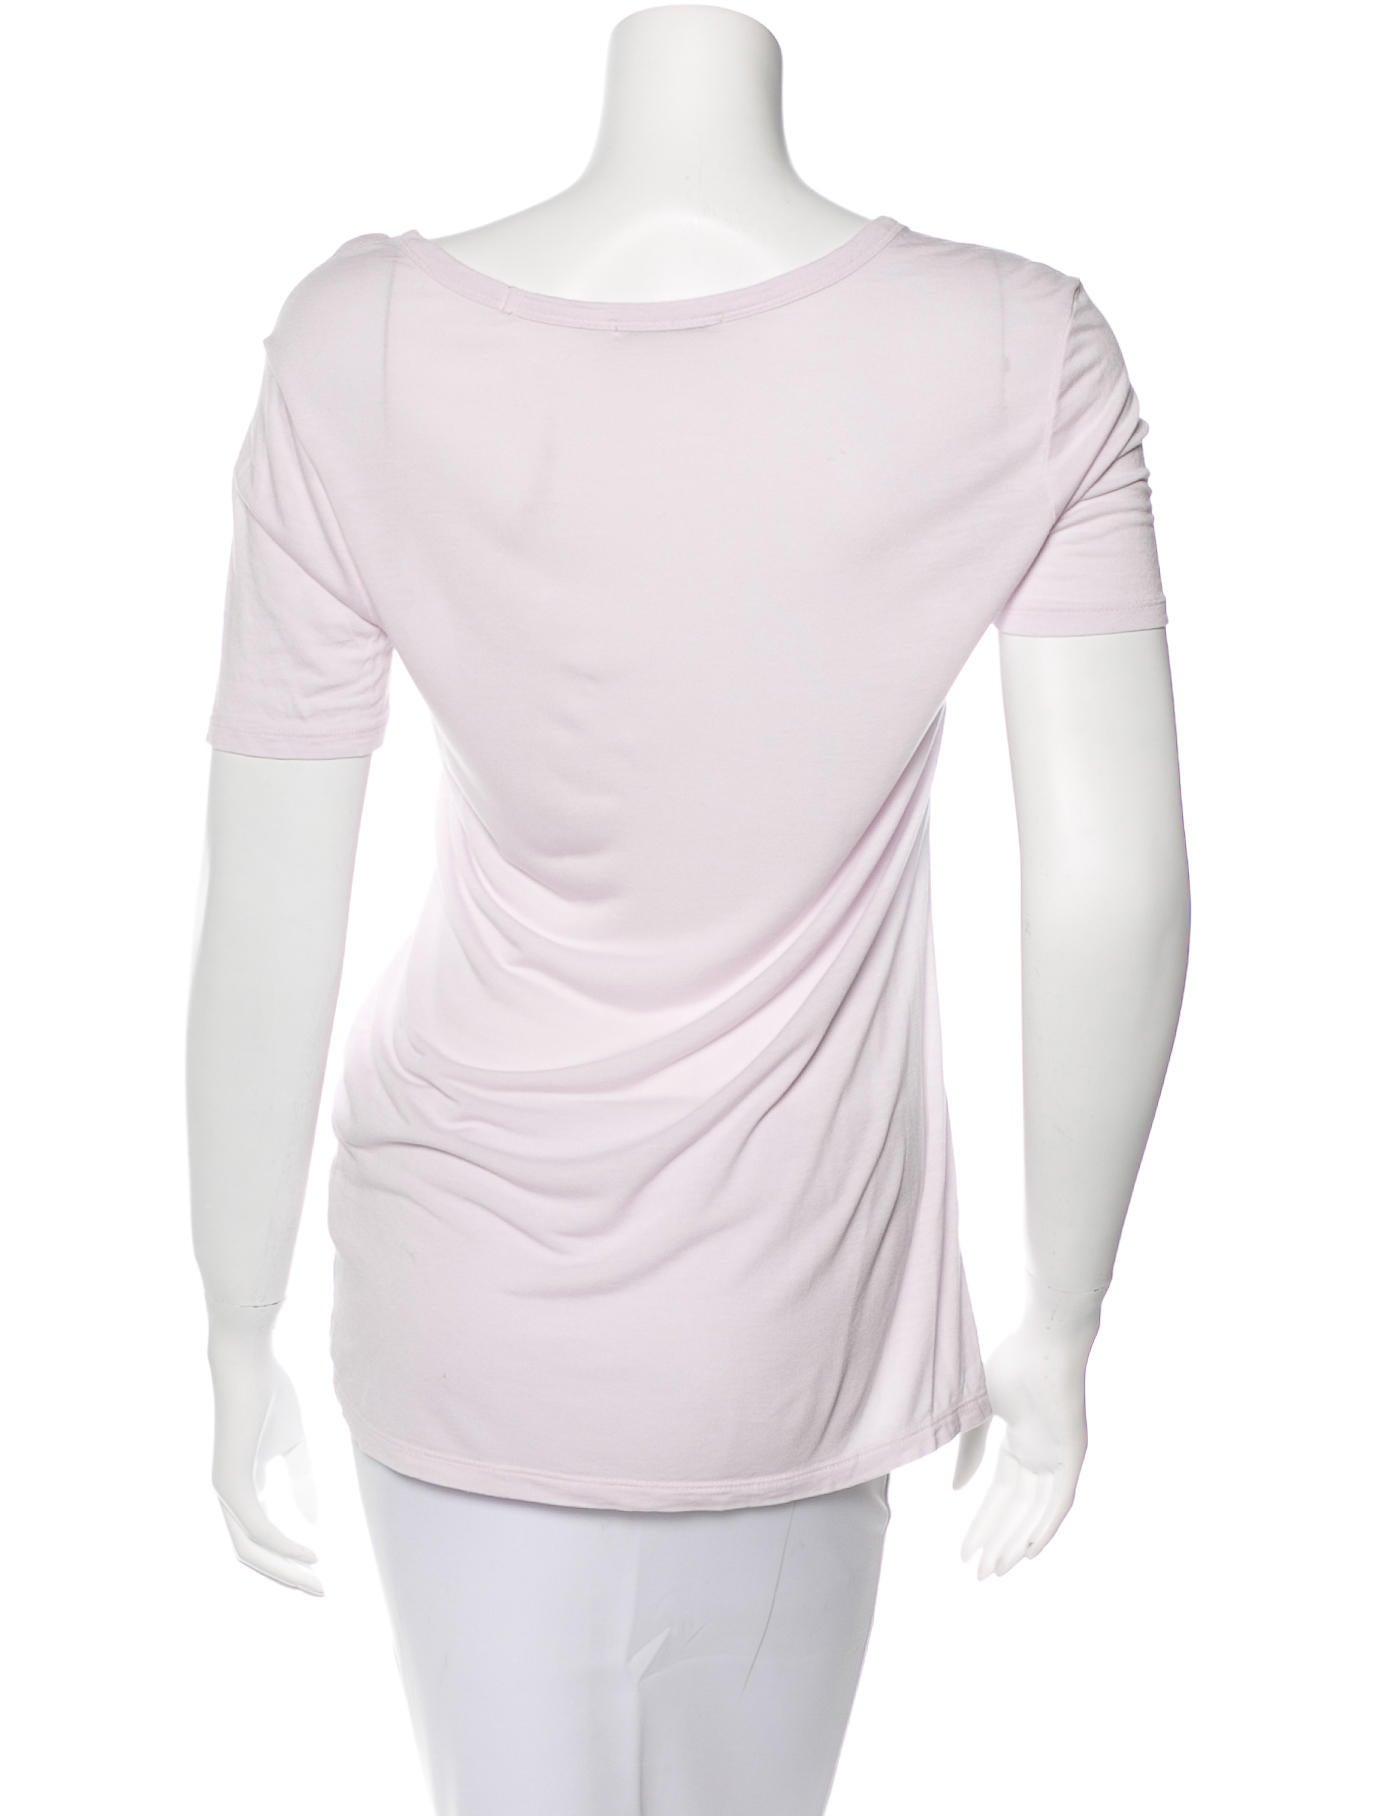 T by alexander wang short sleeve t shirt clothing for Alexander wang t shirt women